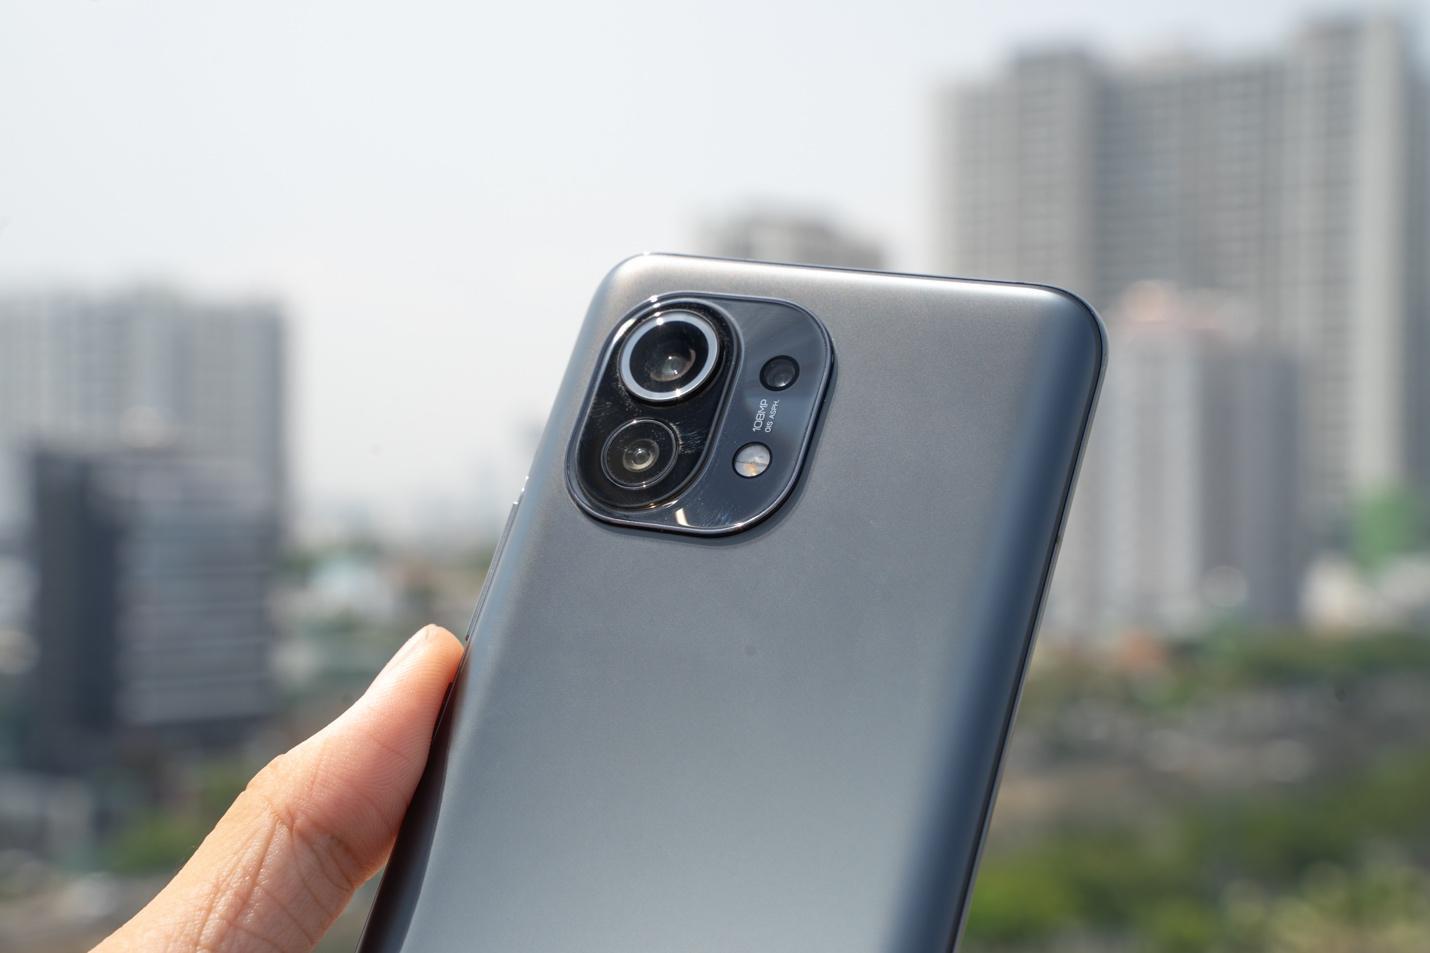 Mi 11 | 5G thắng lớn ngày đầu đặt hàng tại CellphoneS - Ảnh 1.